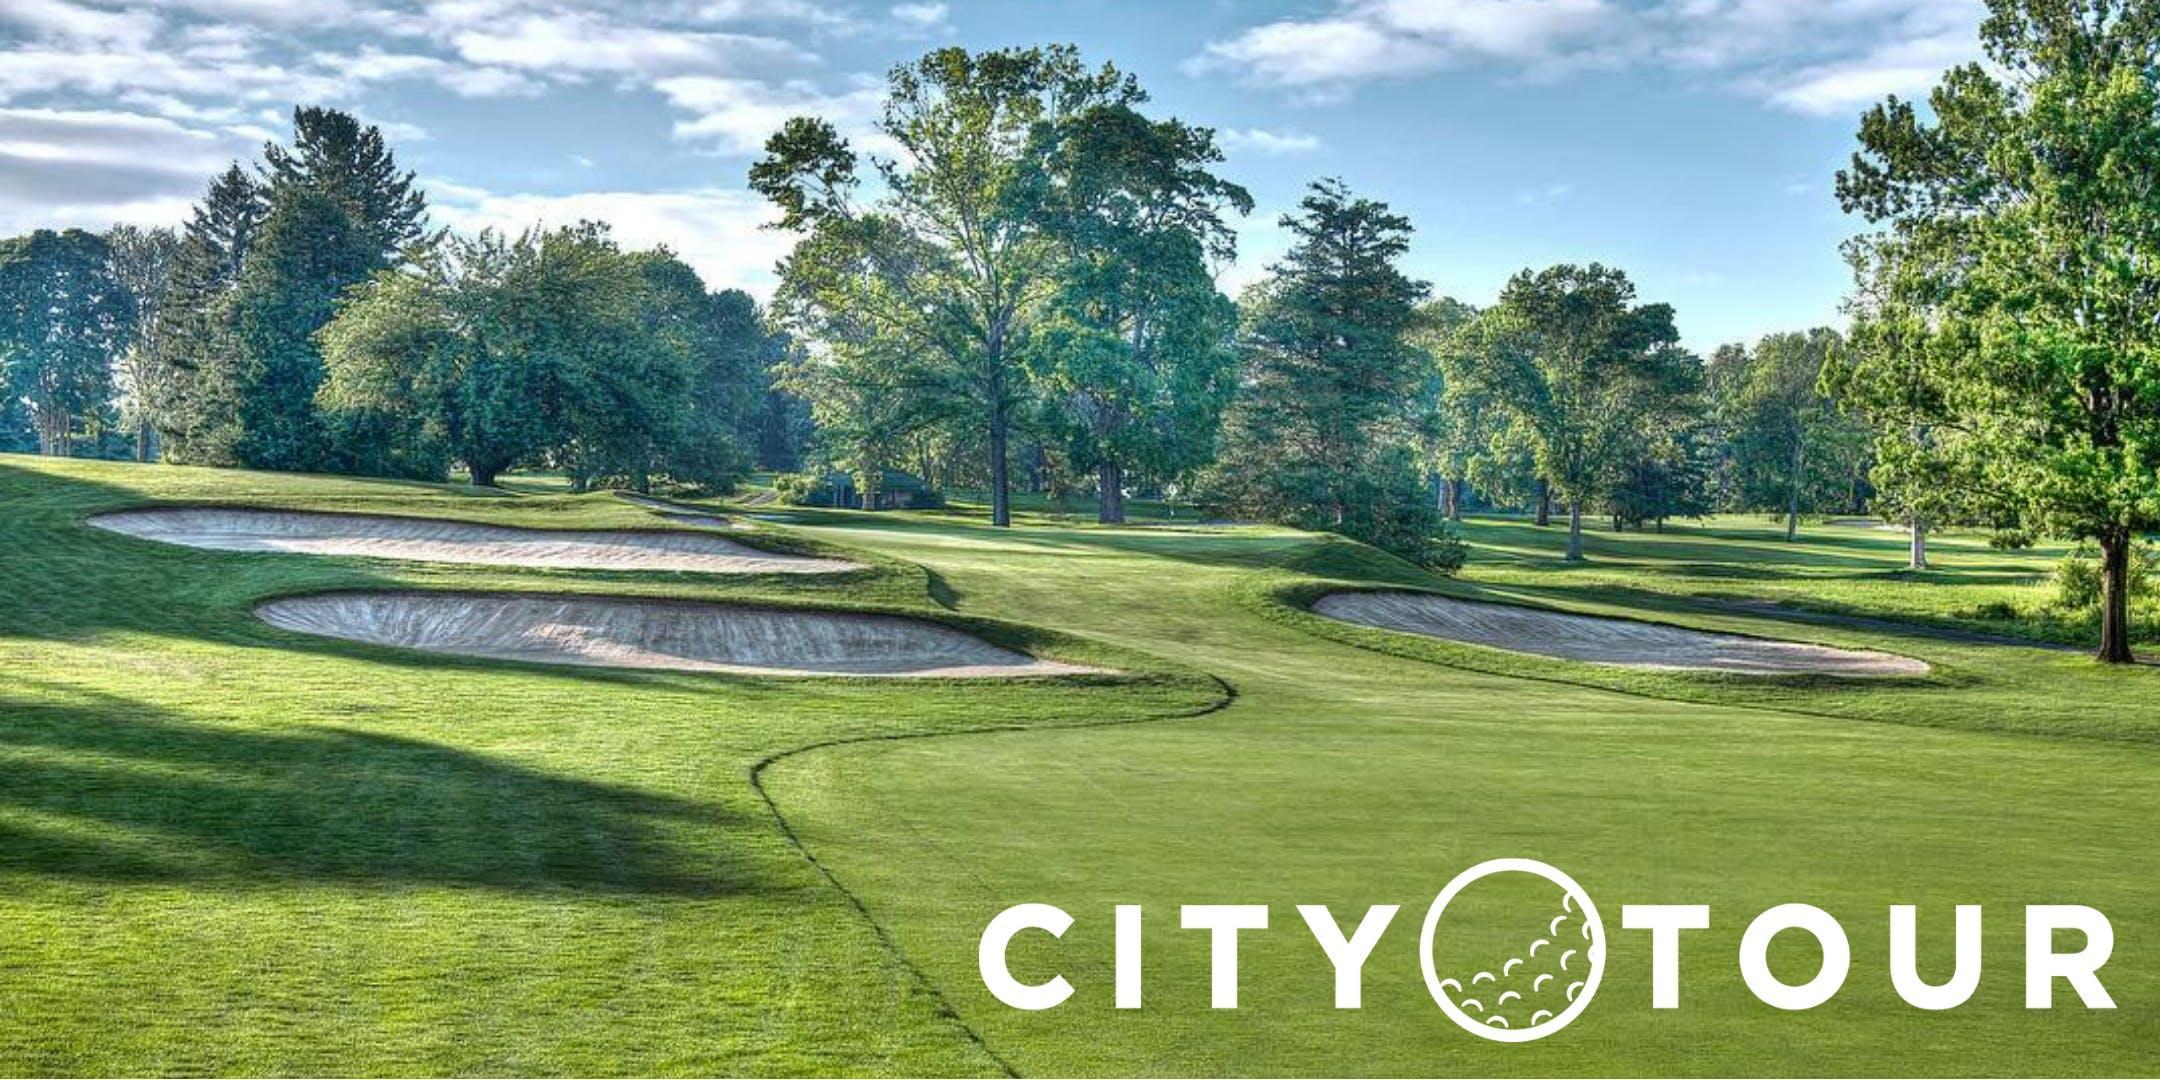 Boston City Tour - Tedesco Country Club